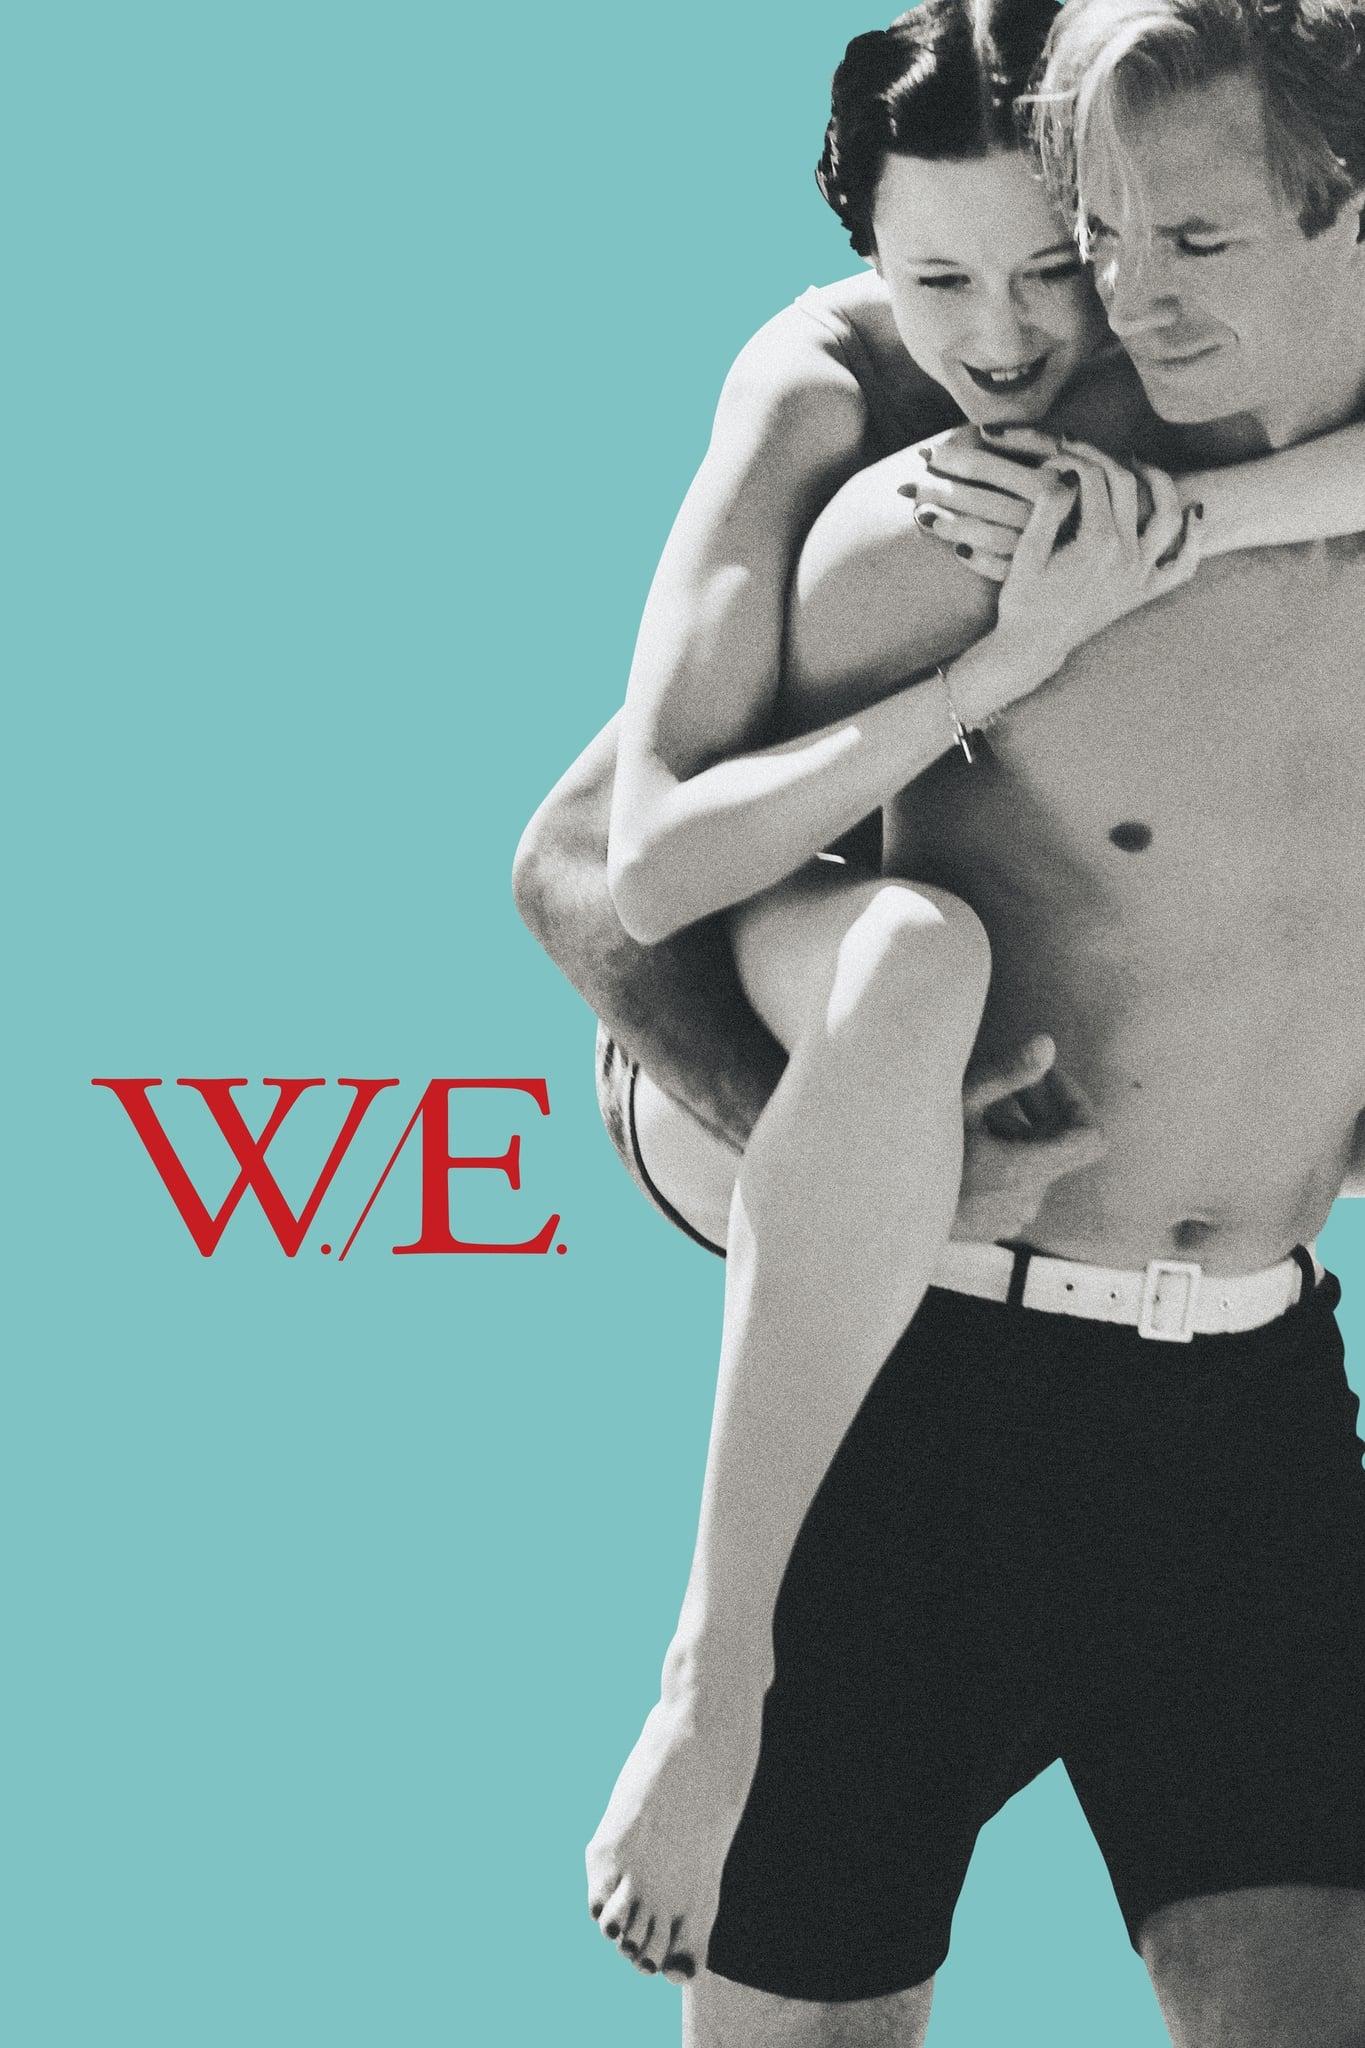 El romance del siglo (W.E.)